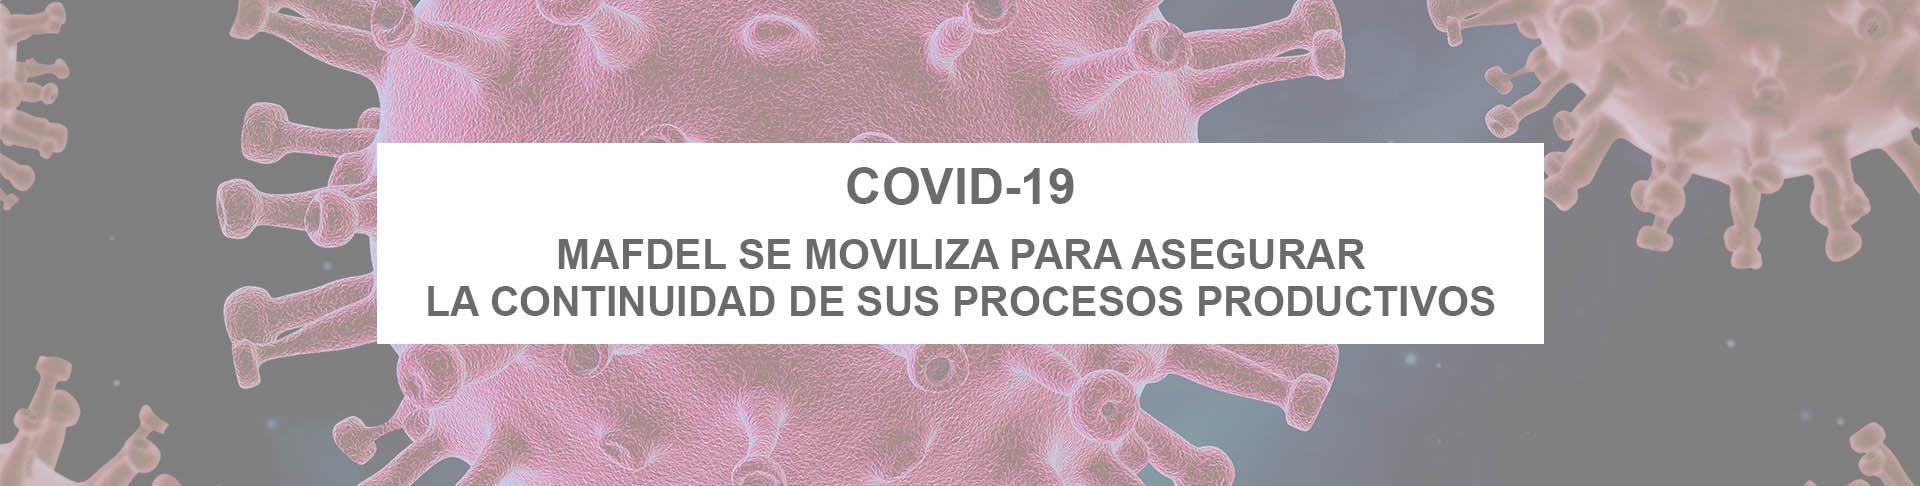 COVID-19 : MAFDEL se moviliza